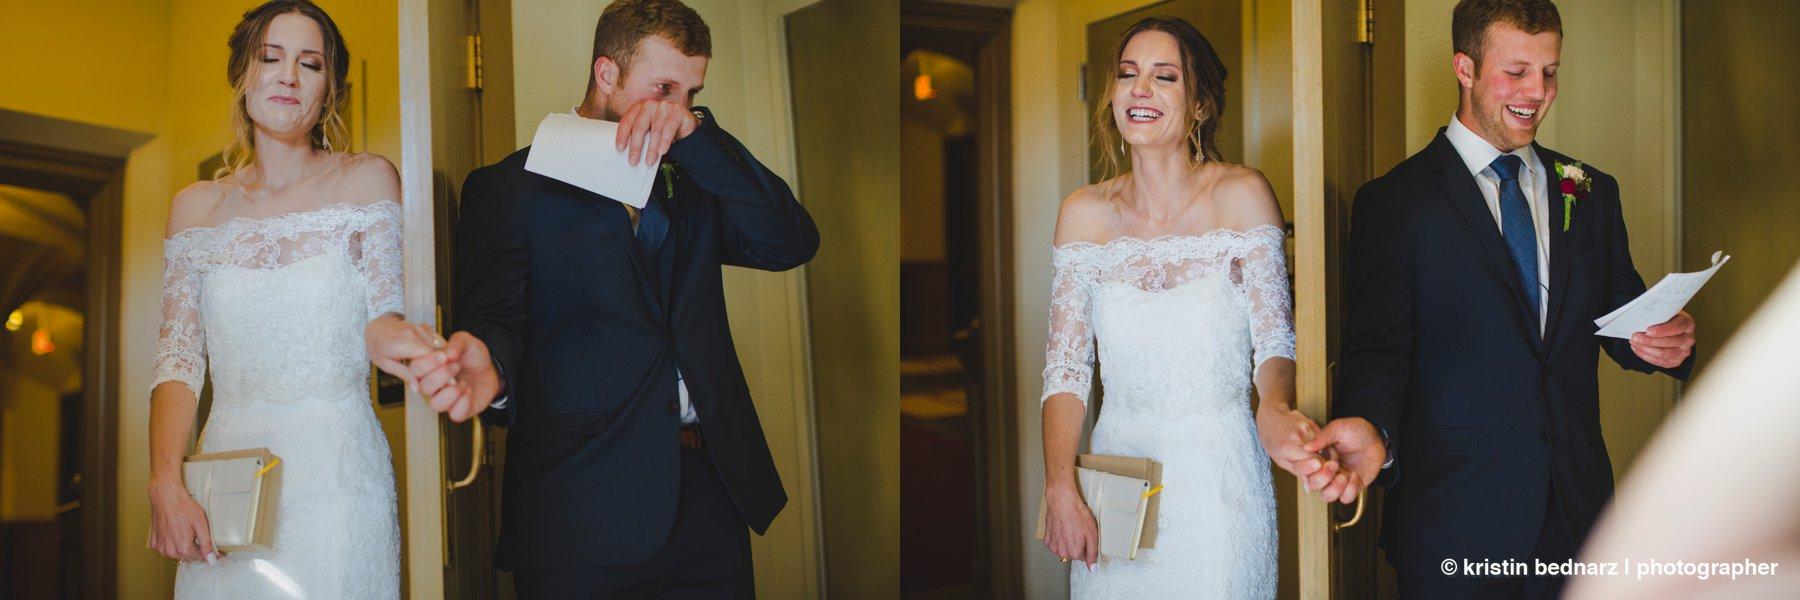 Krisitin_Bednarz_Lubbock_Wedding_Photographer_20180602_0050.JPG